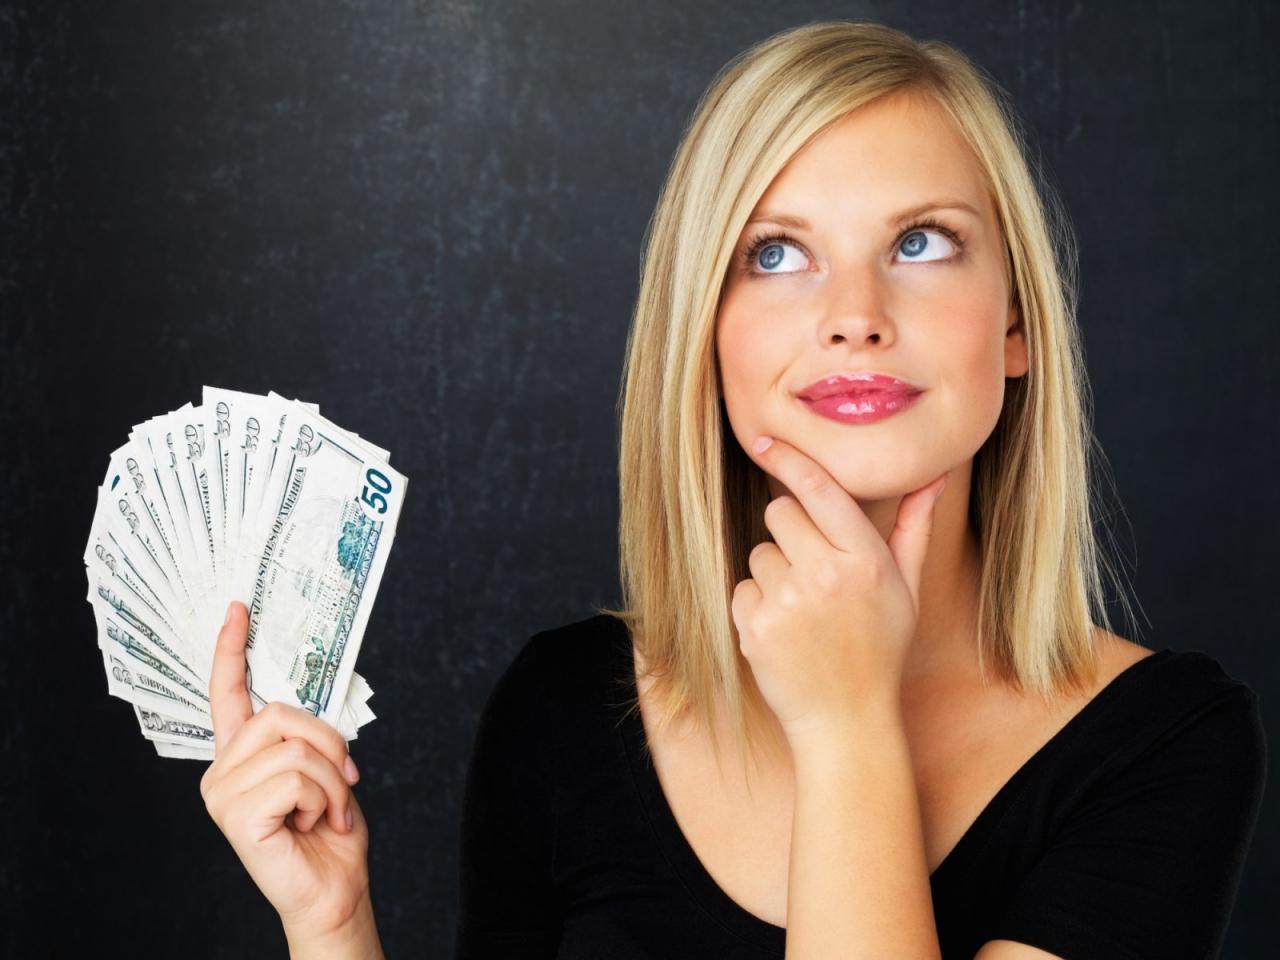 Женская жадность картинки